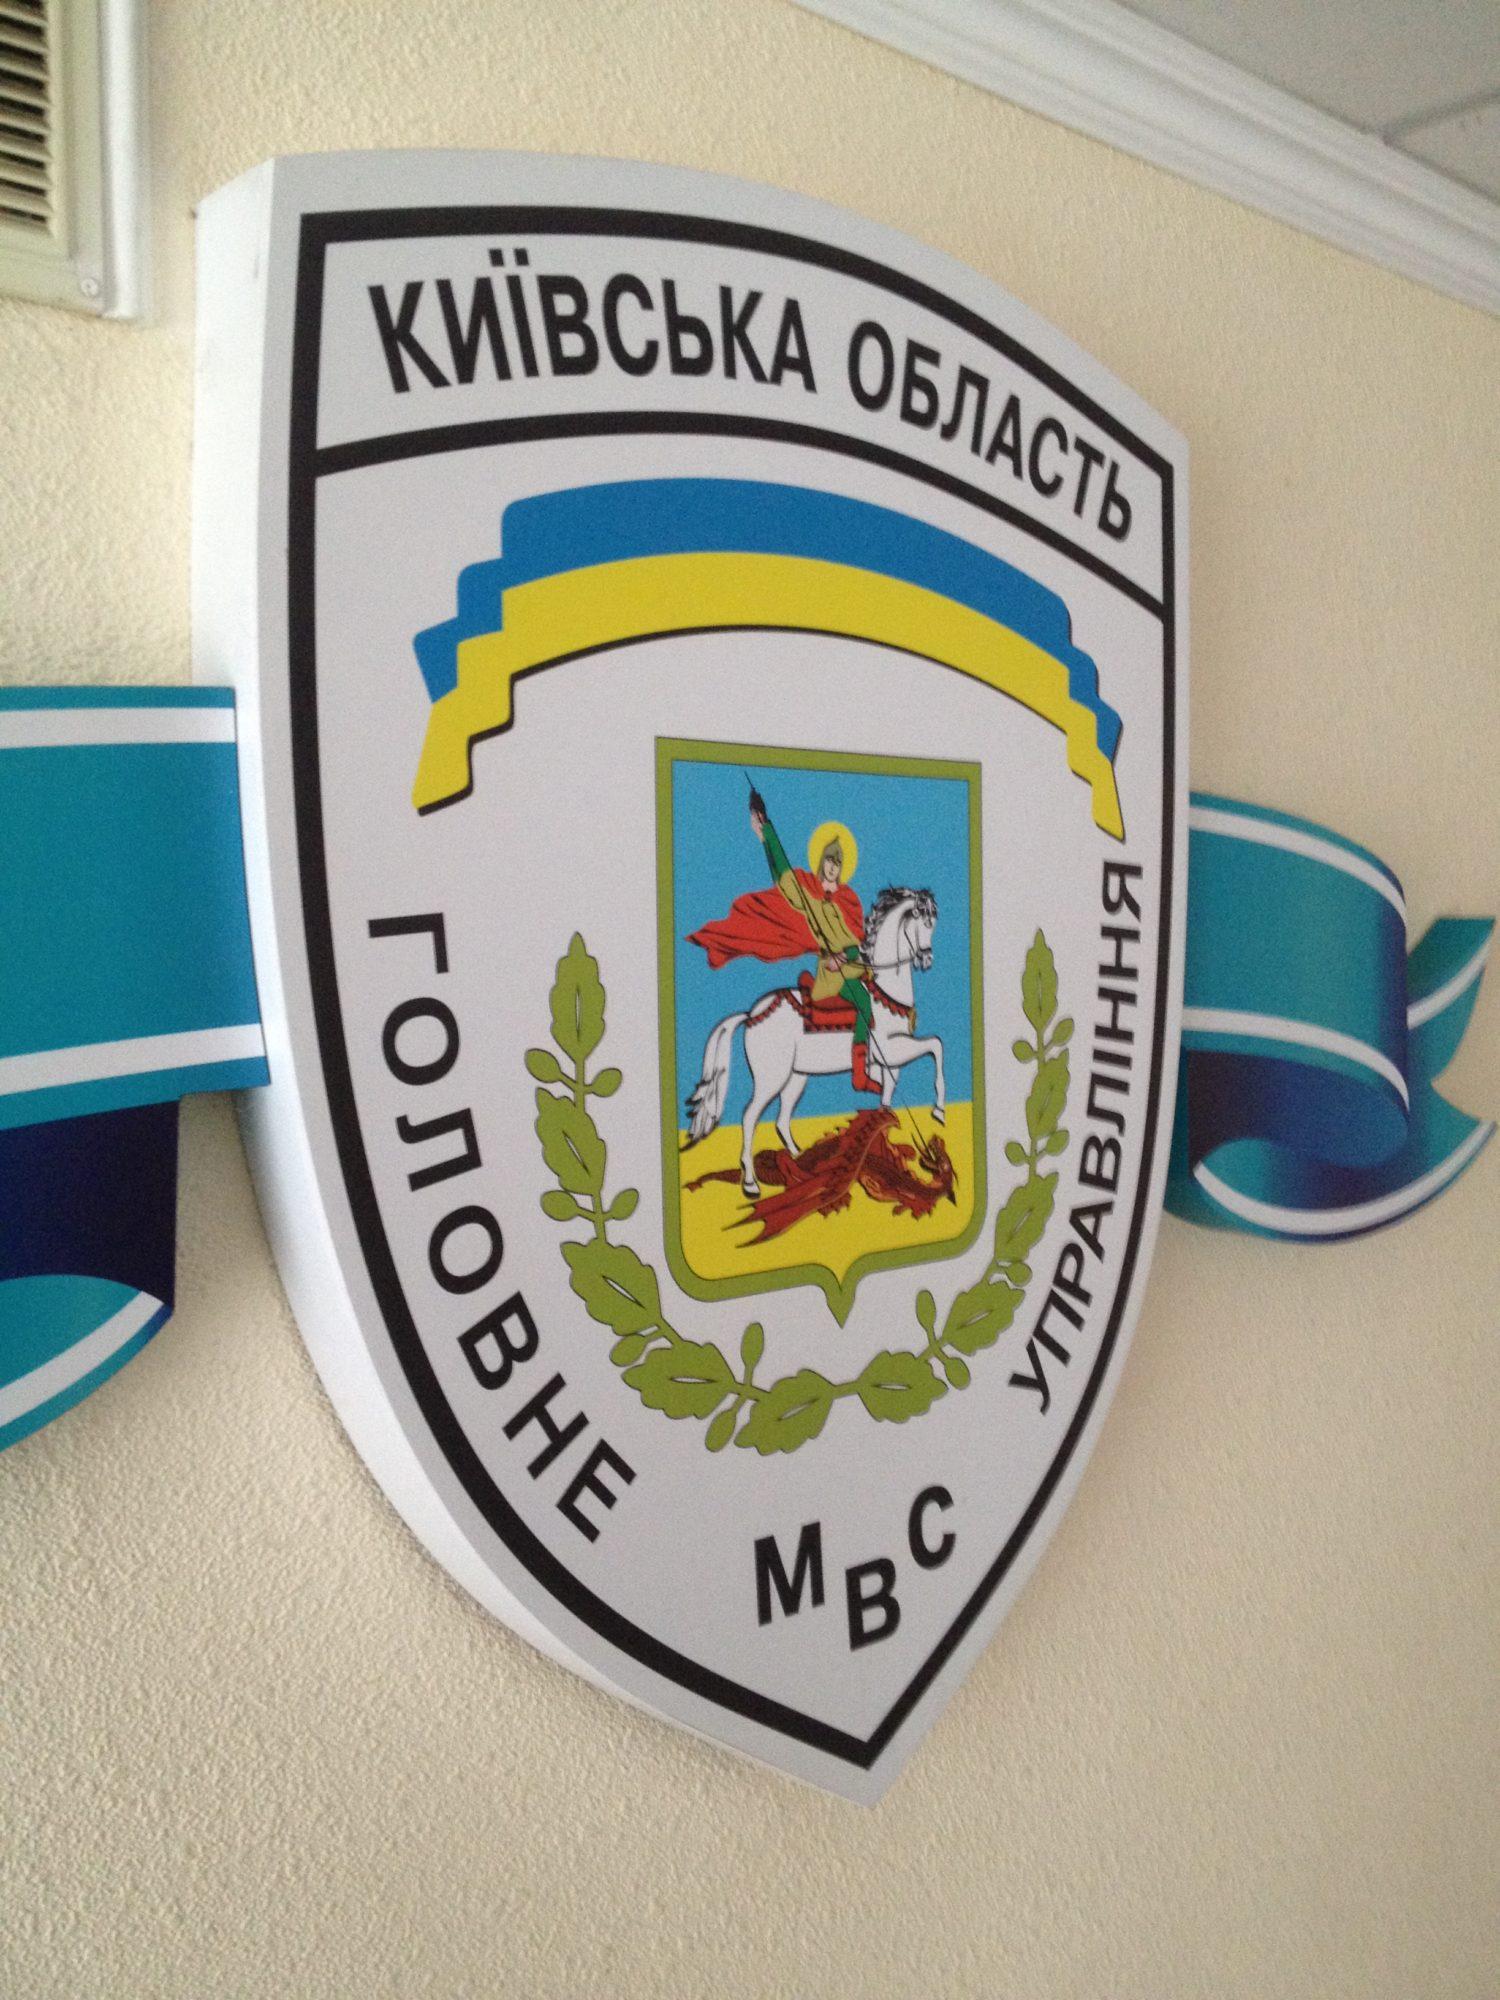 Новітній метод спілкування з громадянами від поліції Київщини -  - IMG 6390 1500x2000